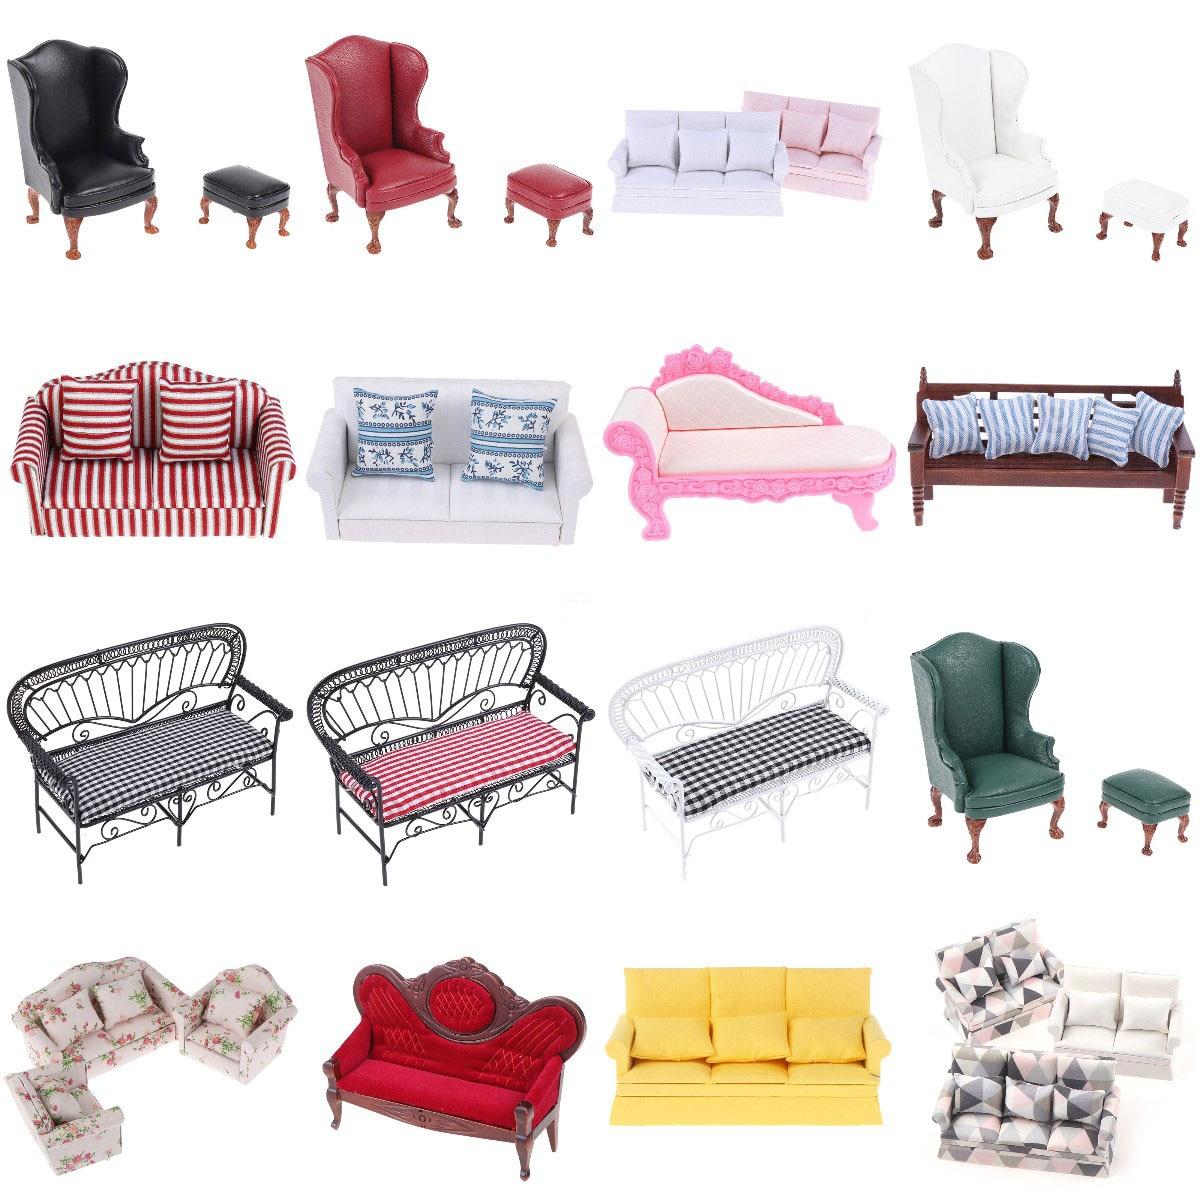 Mini bonito sofá travesseiros para bonecas crianças simulação casa de bonecas móveis brinquedos 1:12 casa de boneca em miniatura